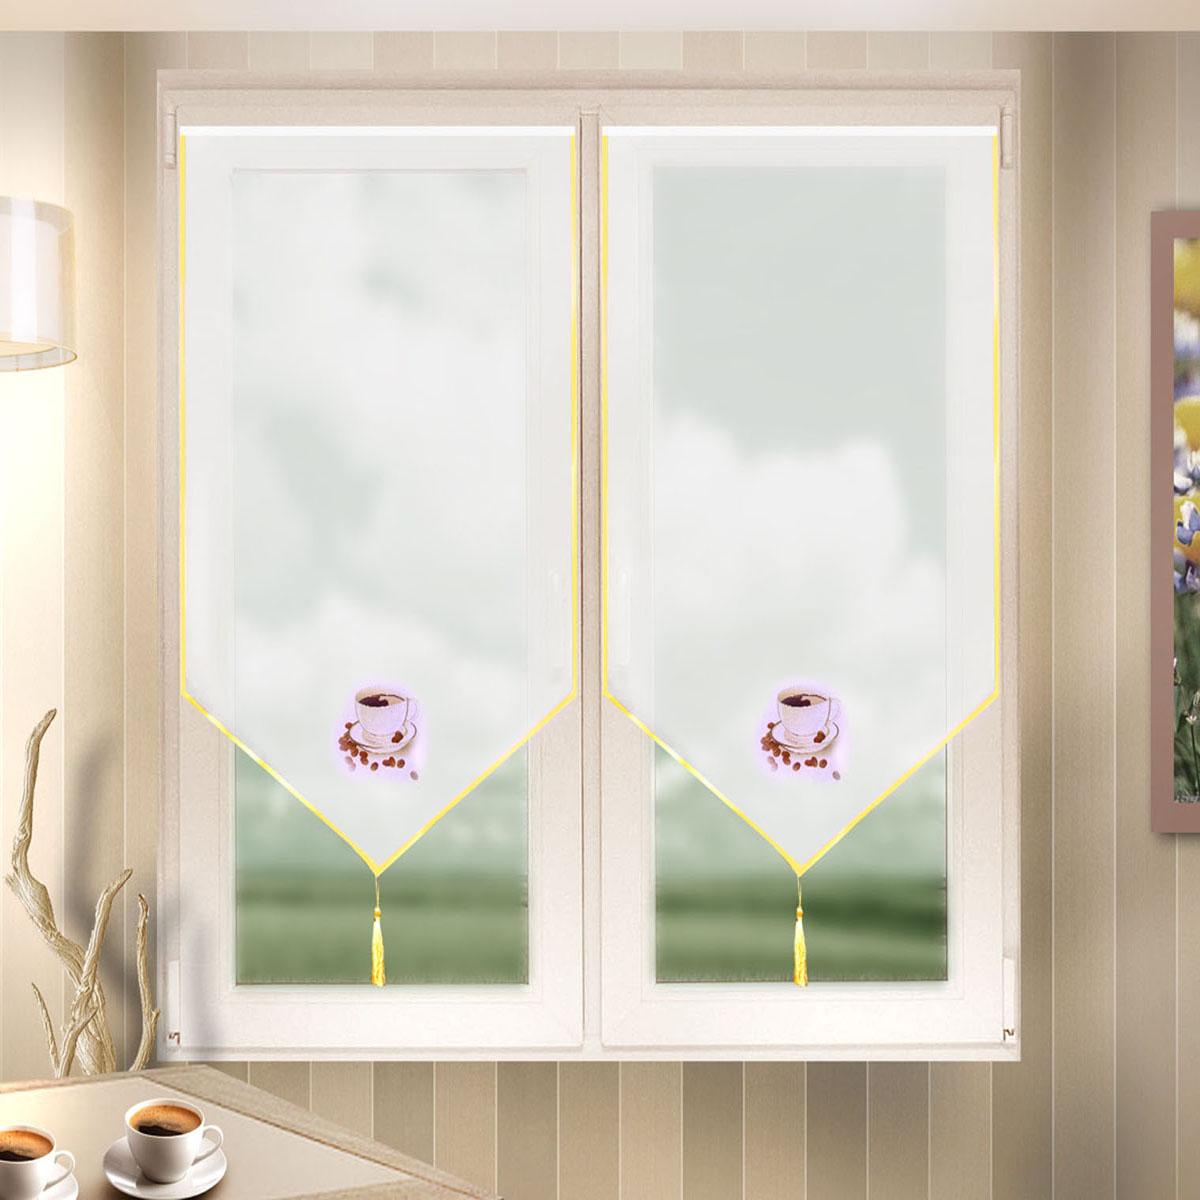 Гардина Zlata Korunka, цвет: белый, ширина 60 см, высота 120 см. 666023/1666023/1Лучшая альтернатива рулонным шторам на кухне – шторы на липкой ленте. Особенность этих штор заключается в том, что они имеют липкую основу в месте крепления . Лента или основа надежно и быстро крепится на раму окна, а на нее фиксируется сама штора. Размеры: ширина 60* высота 120